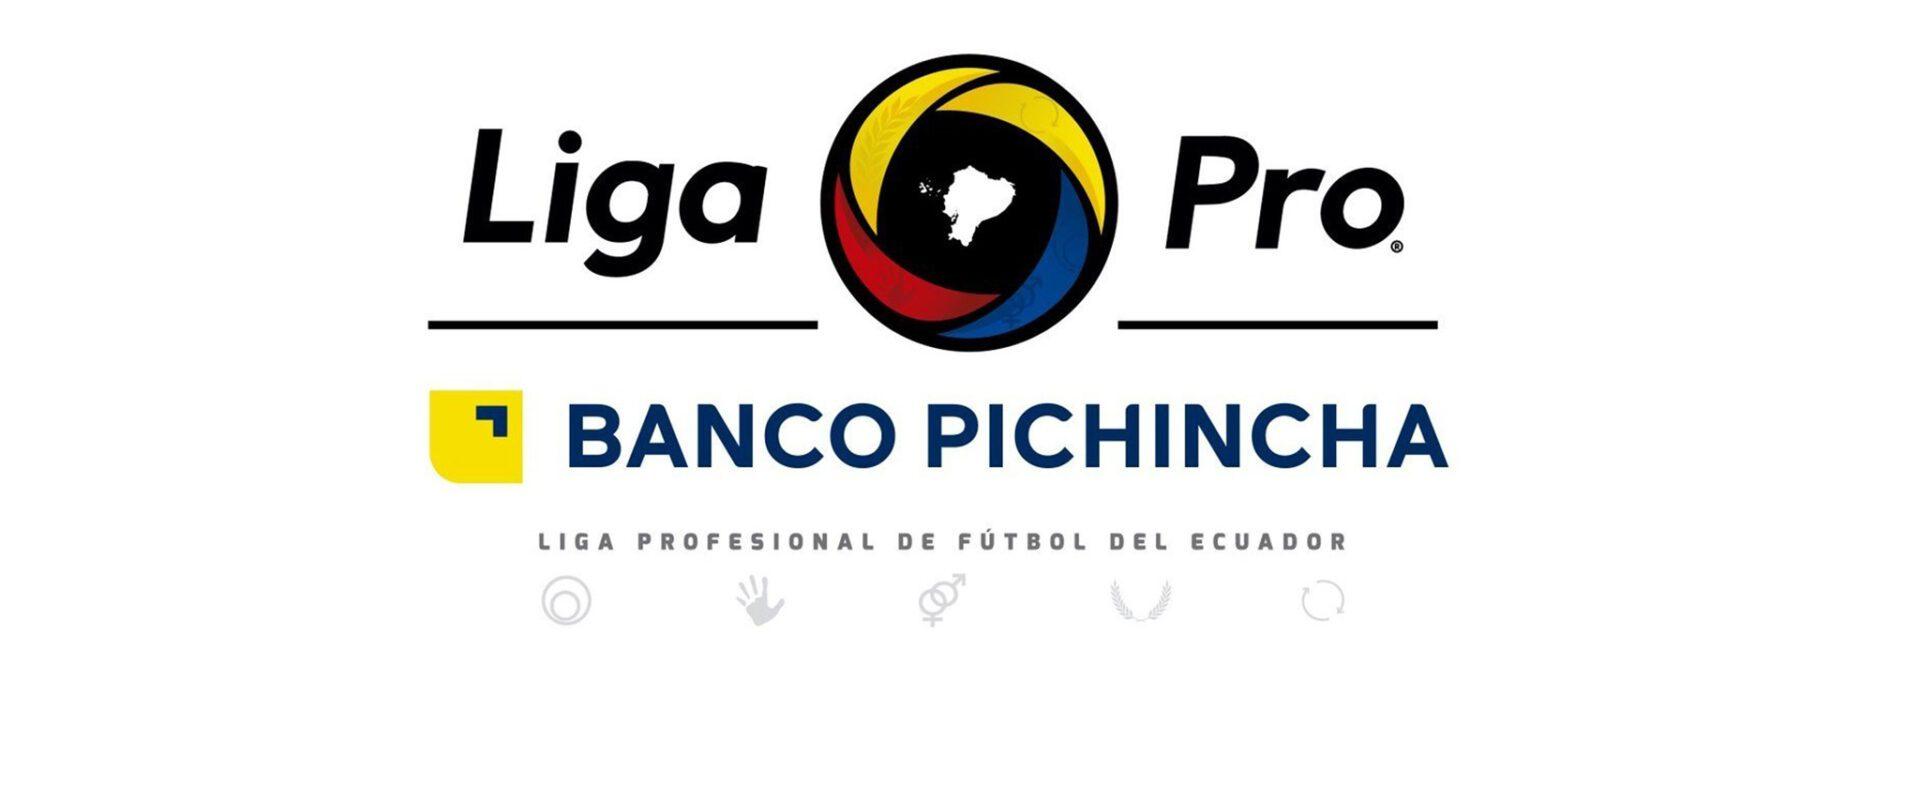 Pichincha 2